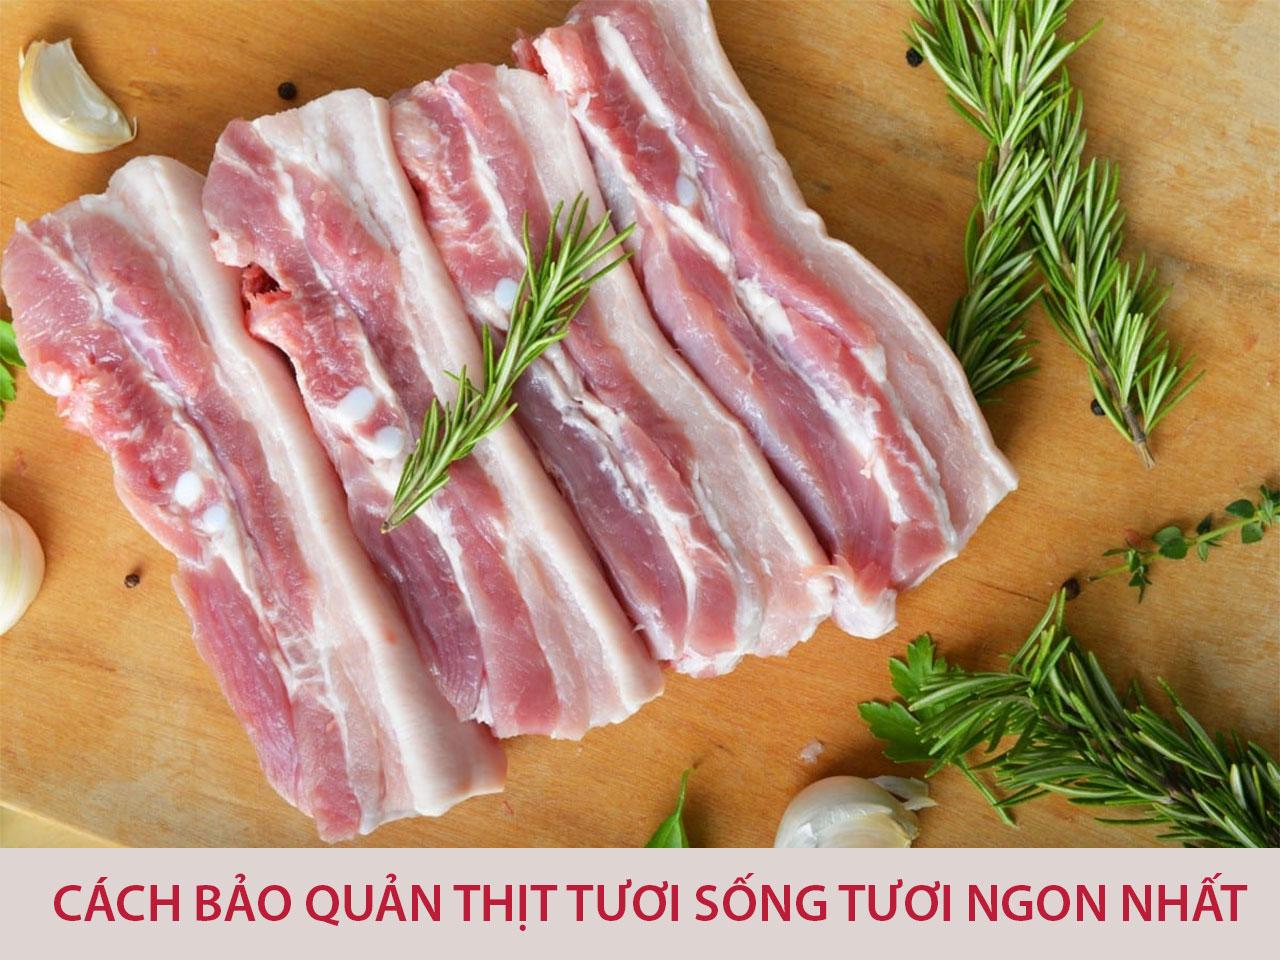 cách bảo quản thịt tươi sống